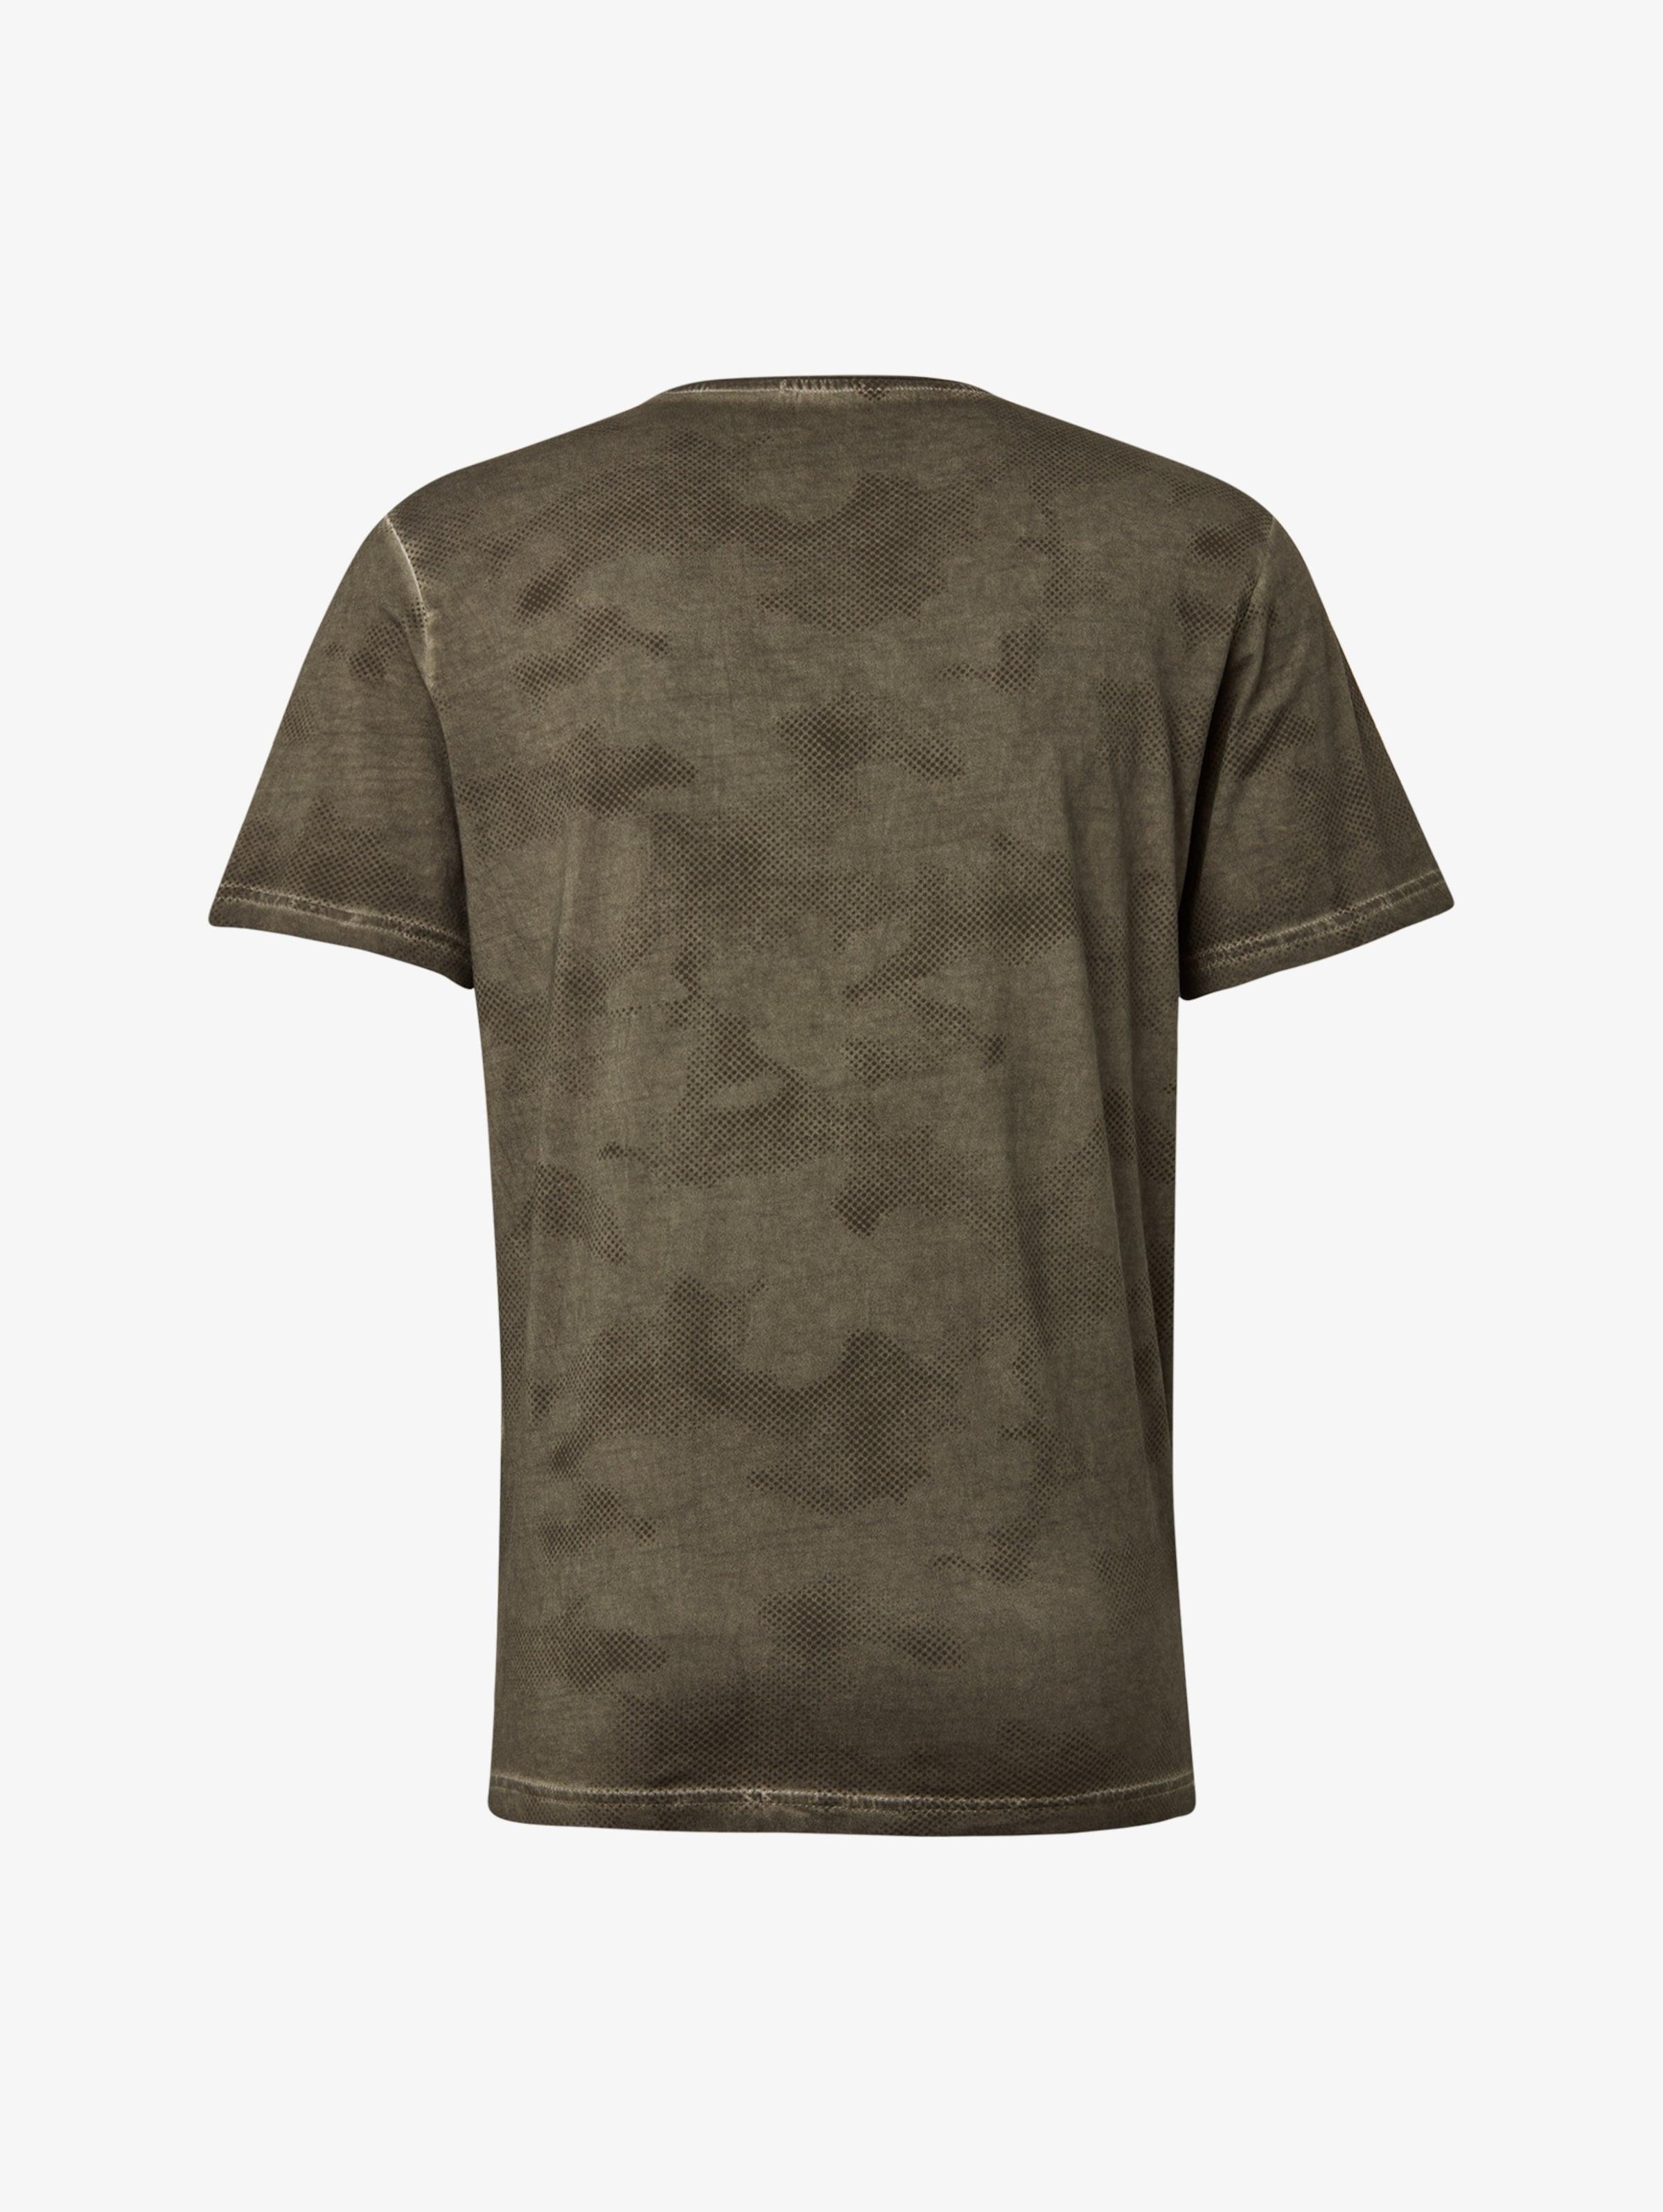 In KhakiOliv Tom Tailor shirt T OnwPXN8k0